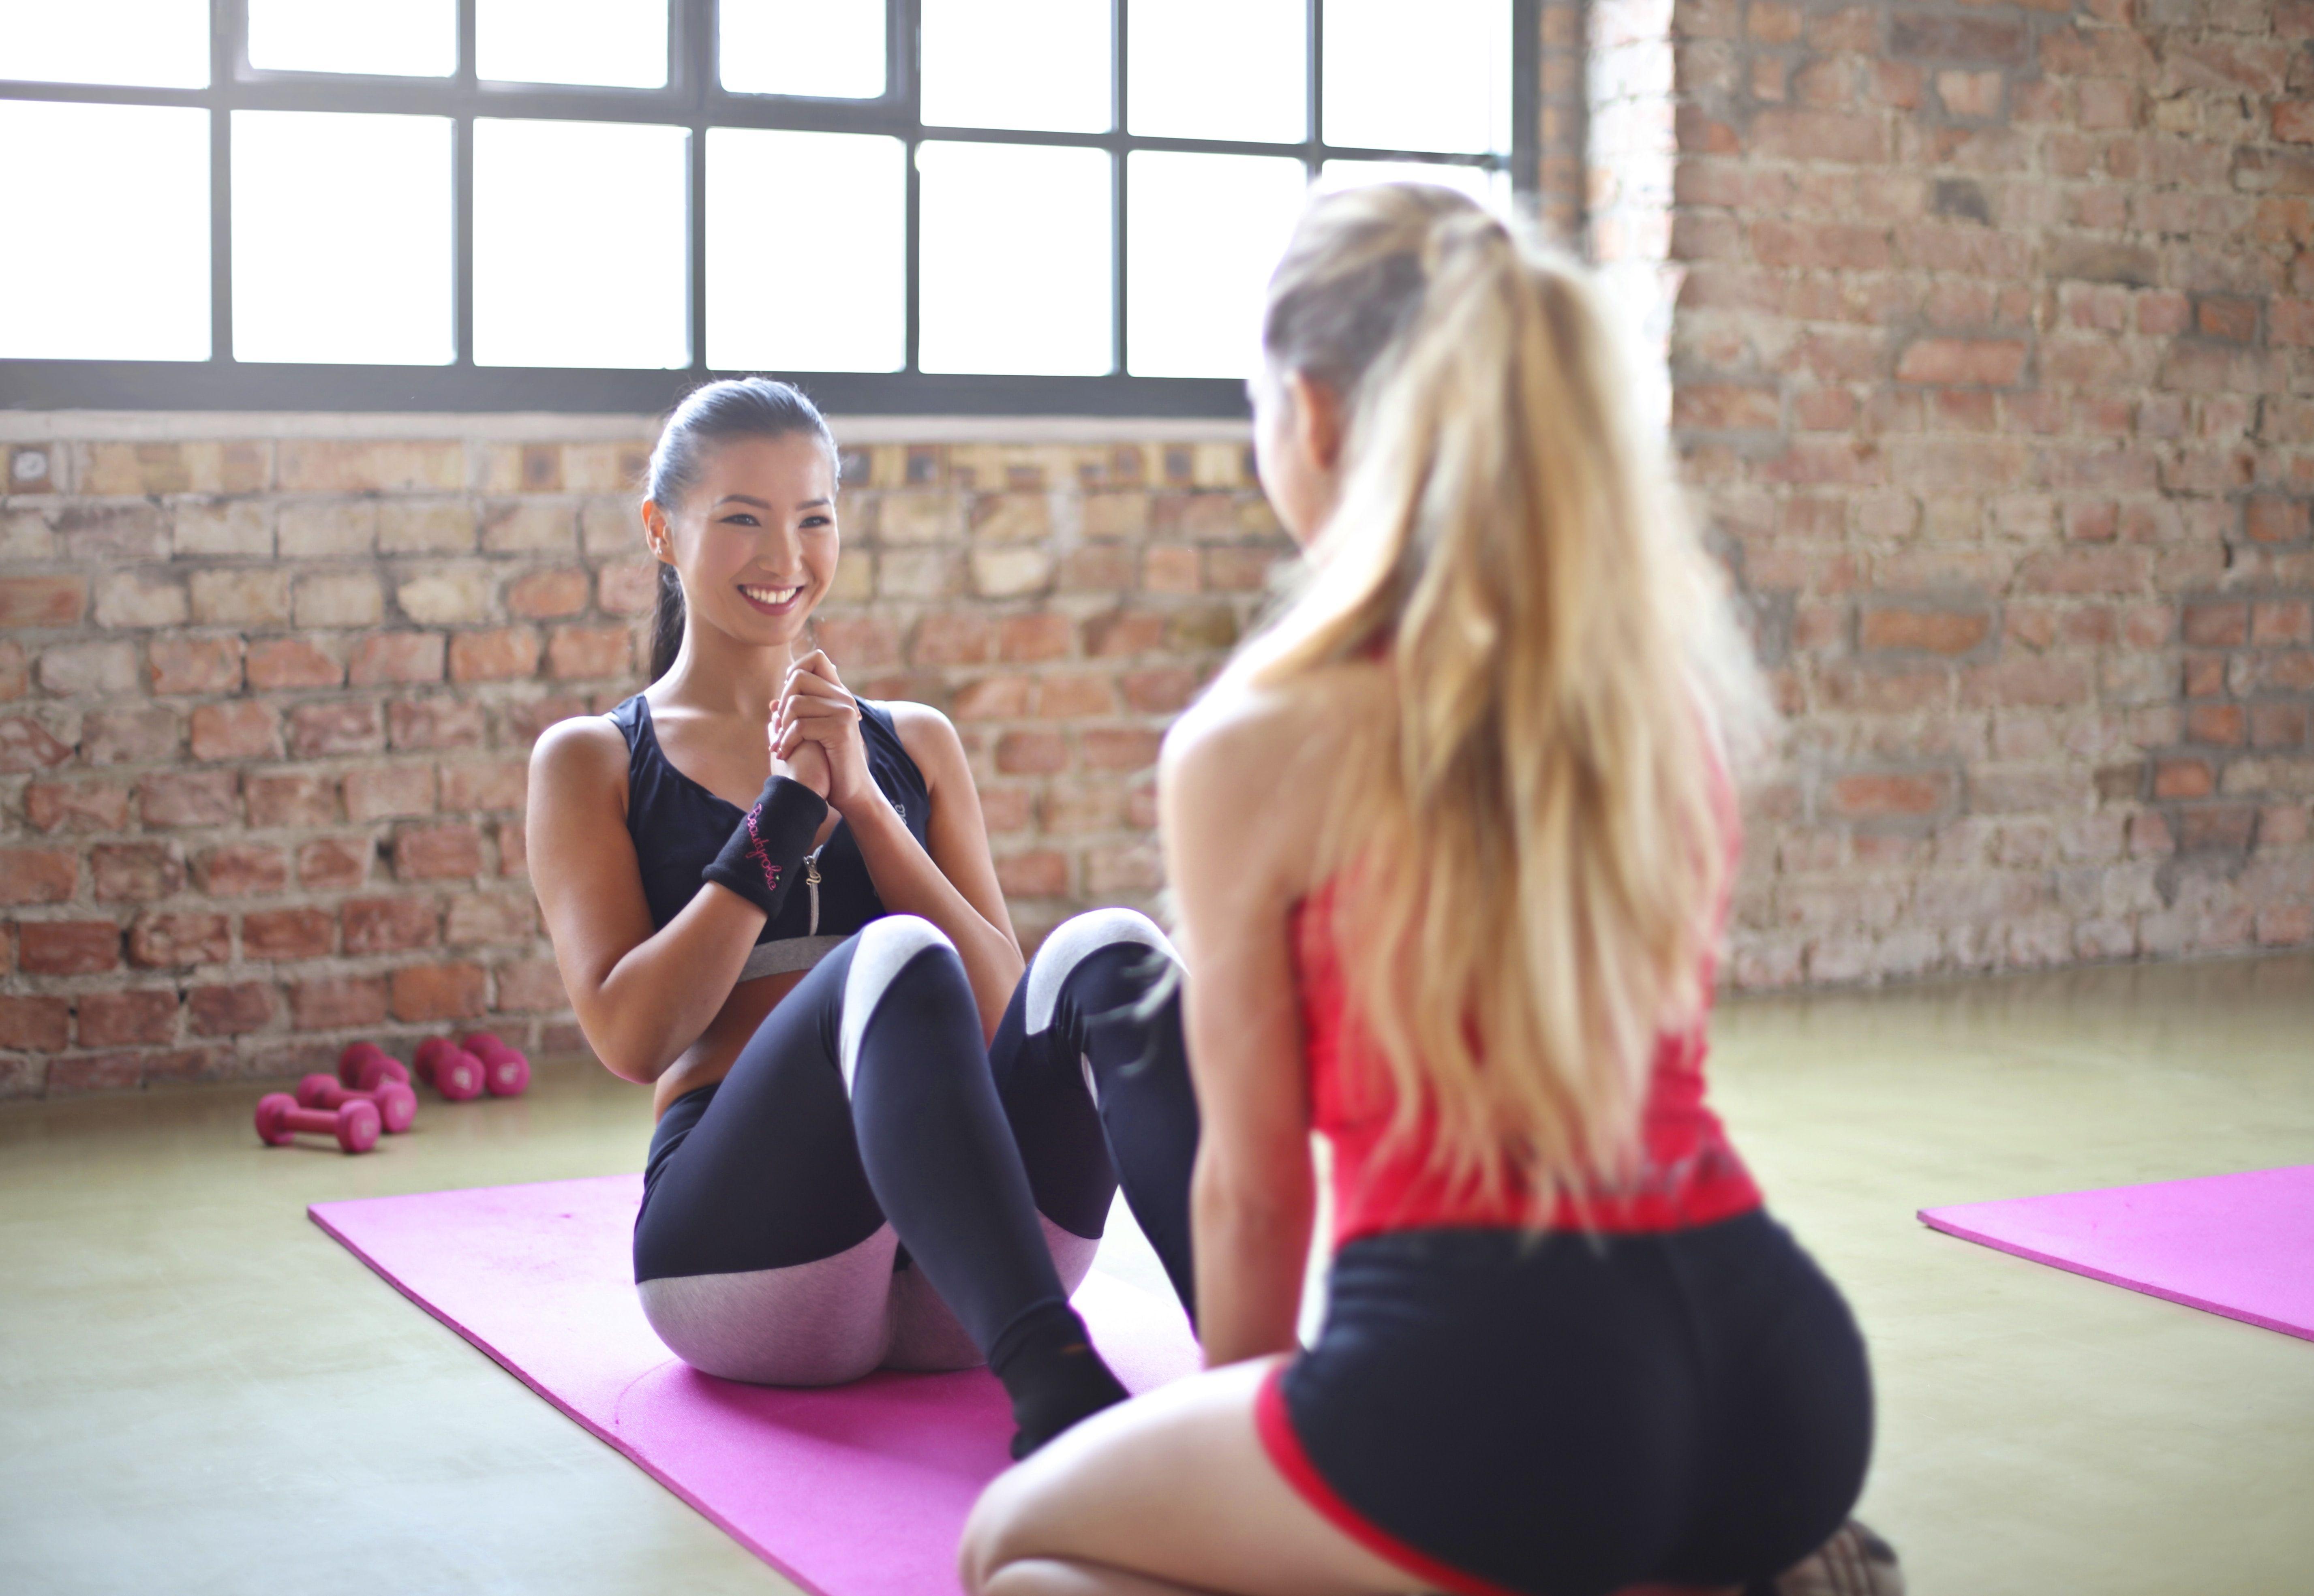 Vuoi offrire o hai bisogno di un personal trainer? Inserisci il tuo annuncio GRATUITO su www.JO-HO.i...